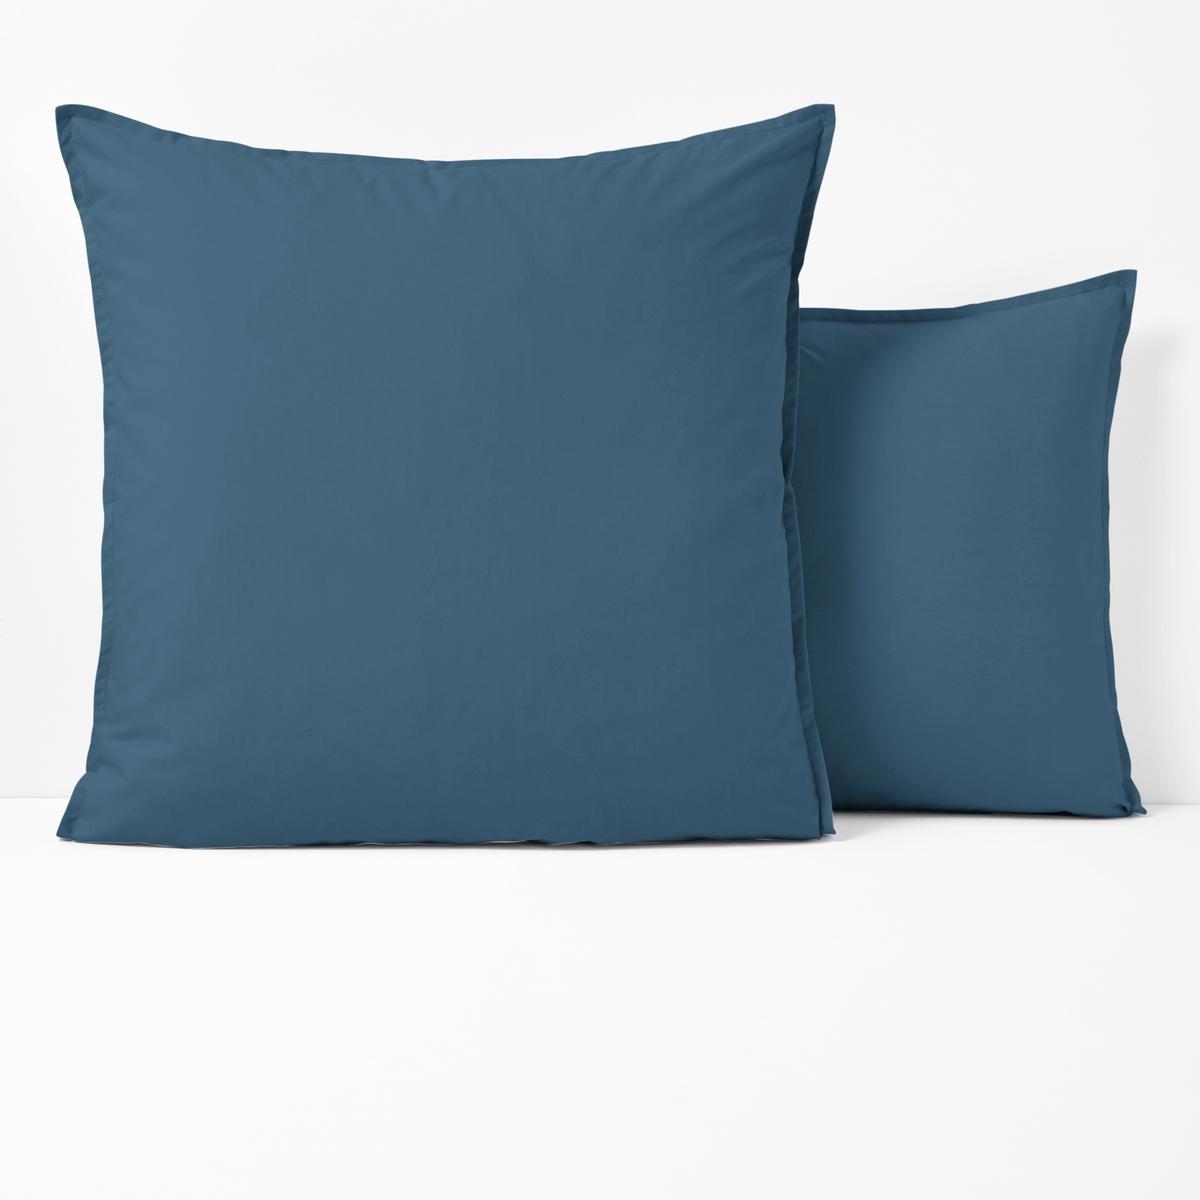 Наволочка La Redoute Из перкали из биохлопка 50 x 70 см синий наволочка la redoute flooch 50 x 30 см бежевый